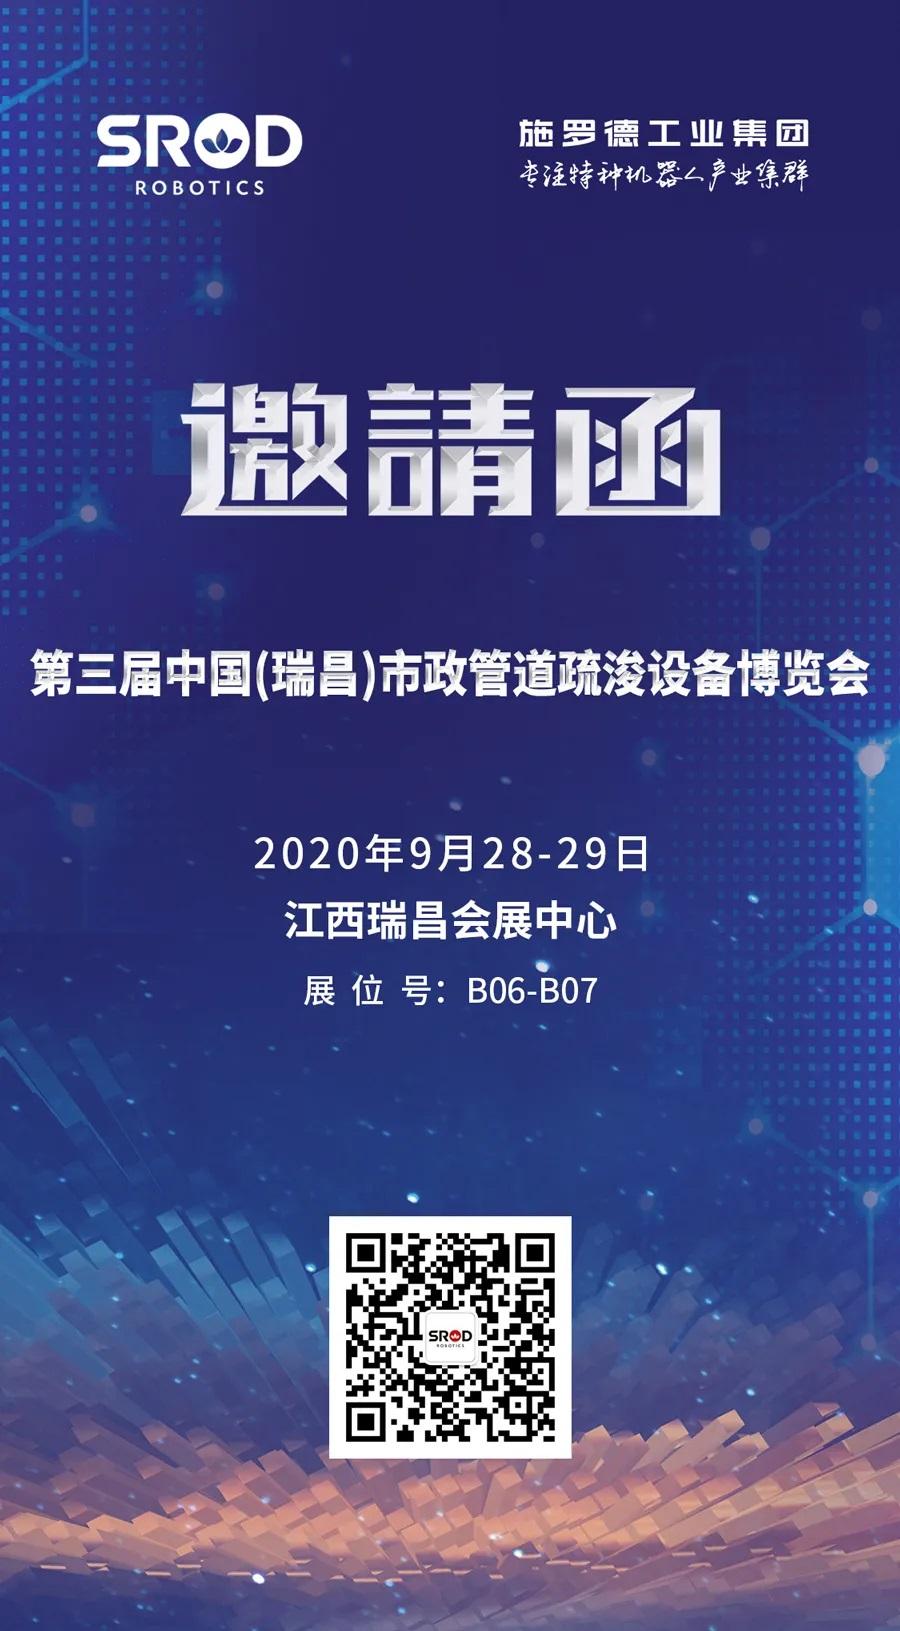 中国疏浚行业盛会9月28日开幕,施罗德诚邀您莅临参观!